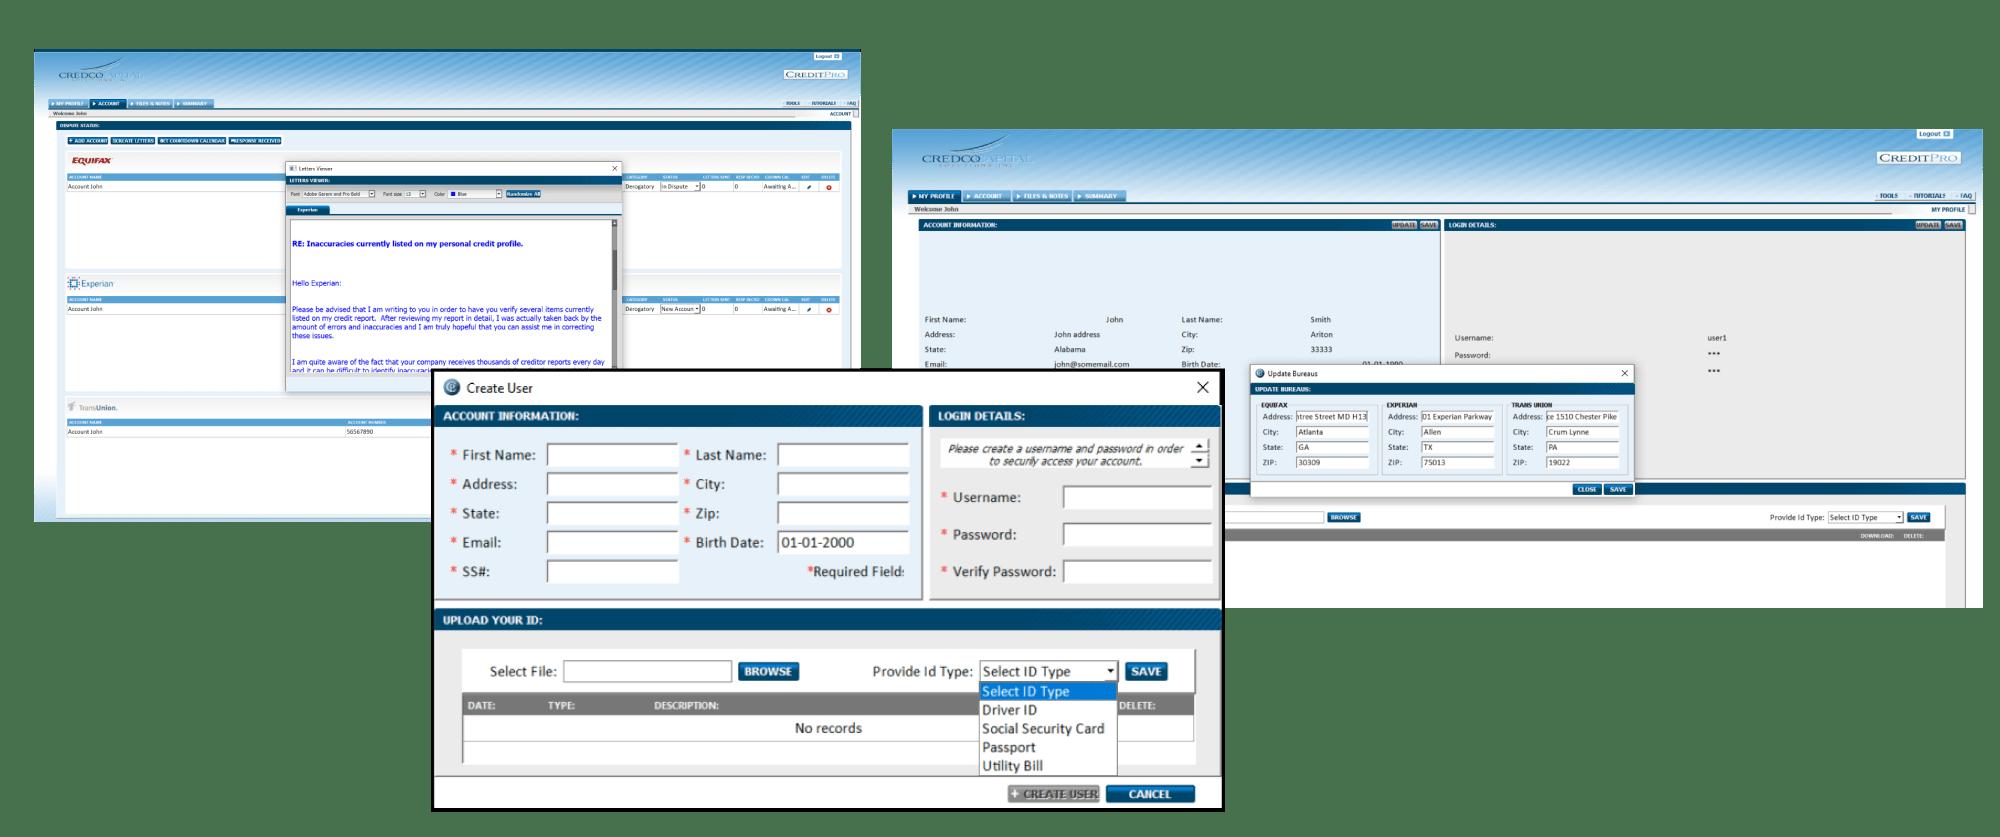 Credit-Repair-Application solution